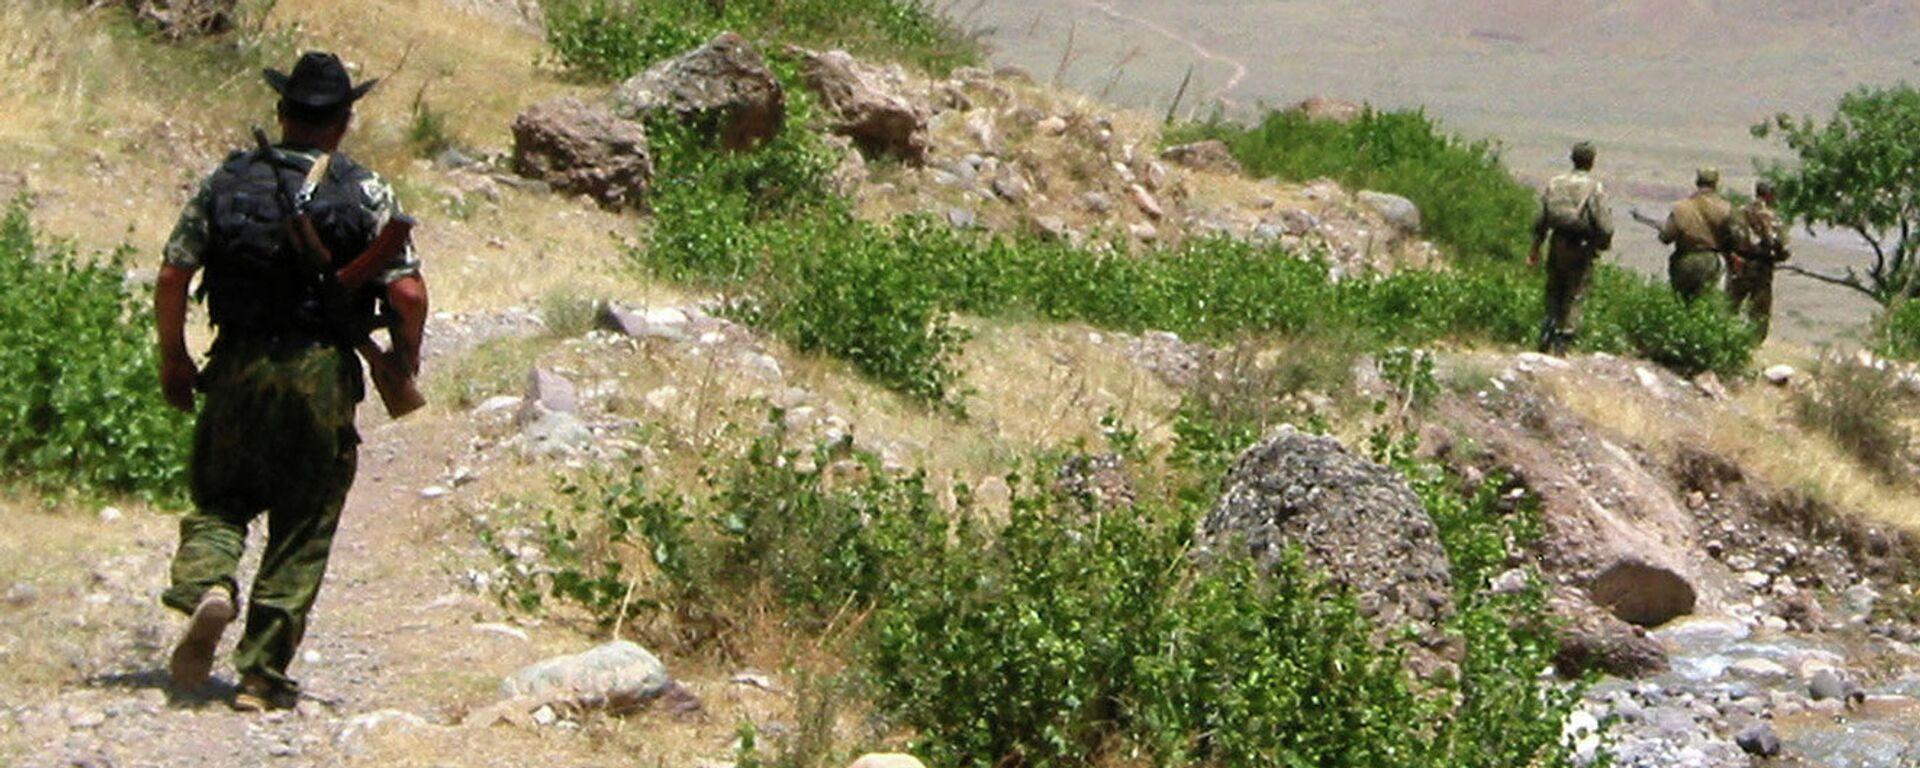 Ситуация на таджикский-афганской границе. Архивное фото - Sputnik Грузия, 1920, 07.09.2021